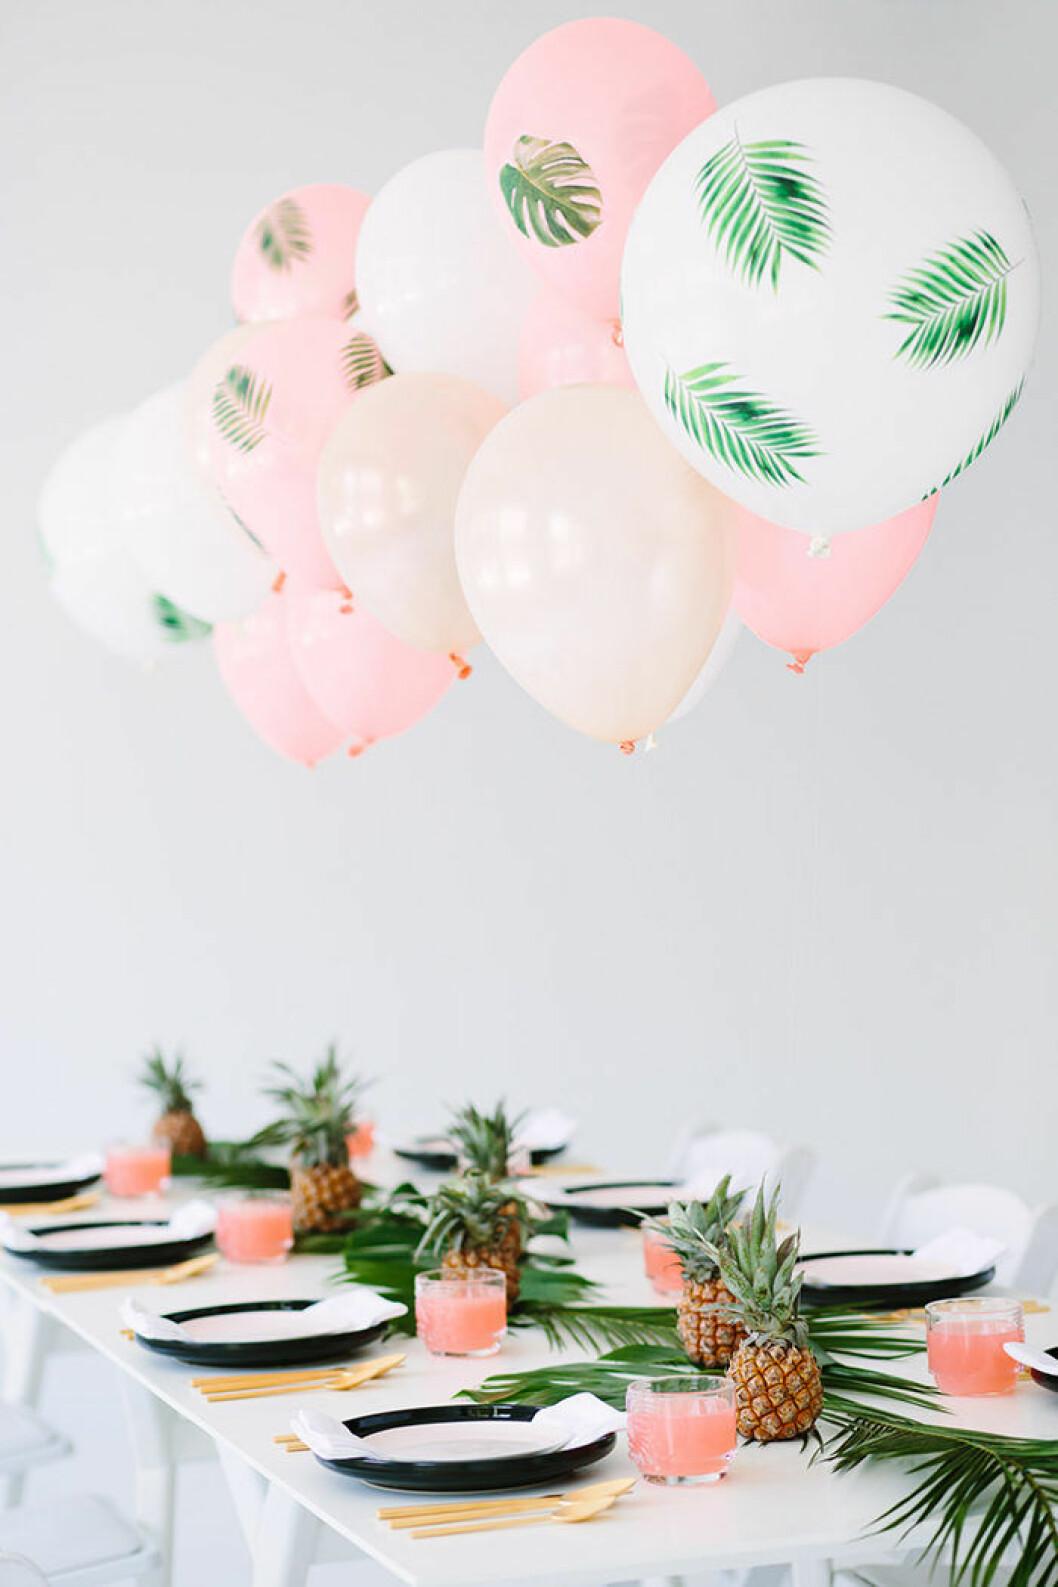 Dekorera med tropiska detaljer som palmblad och ananas på sommarens fester